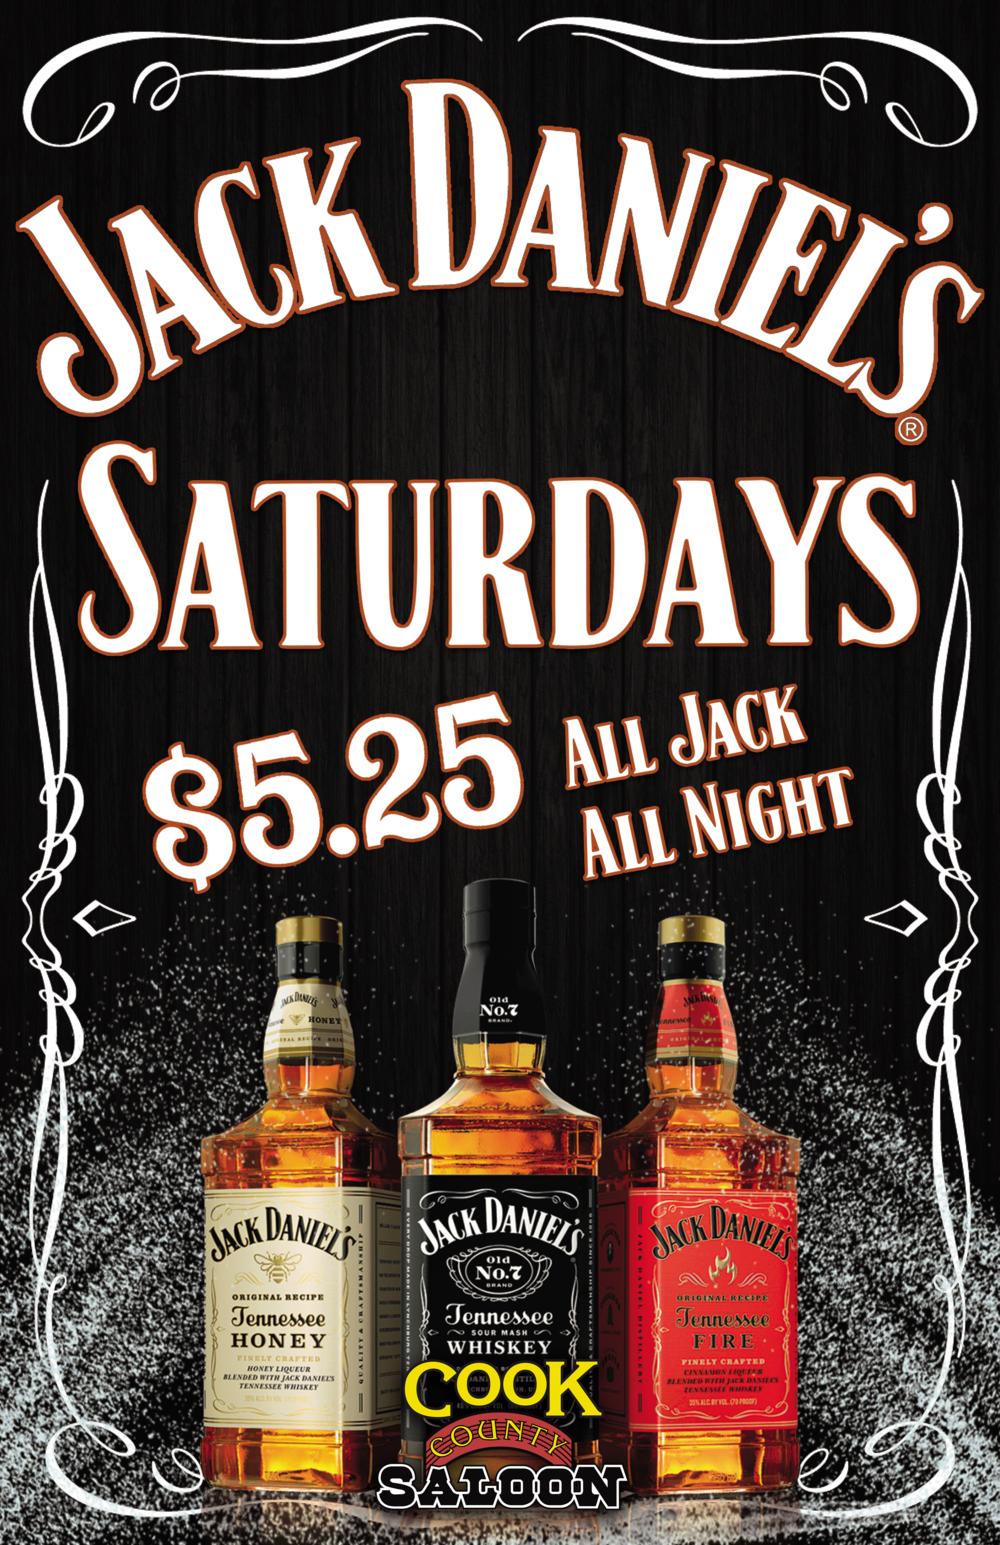 Jack Saturdays Poster 2018.png